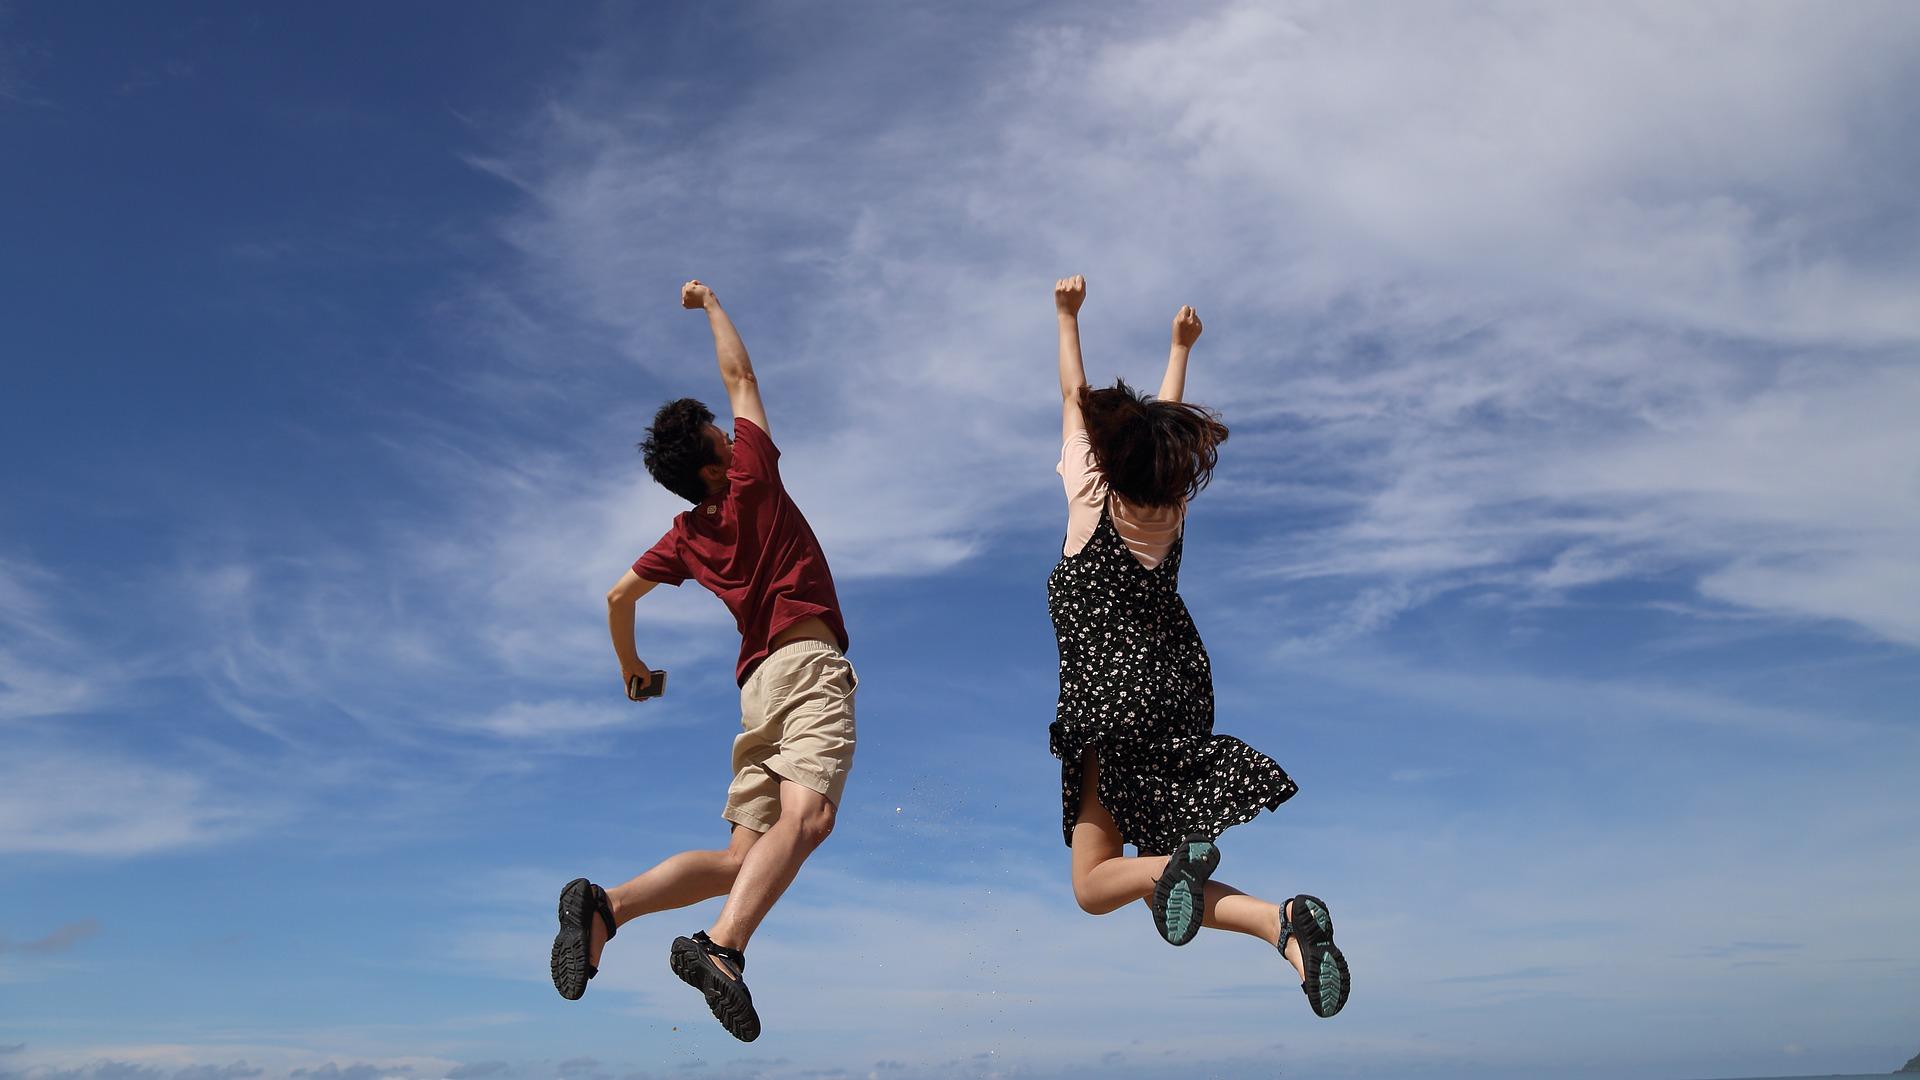 jump-2731641_1920.jpg